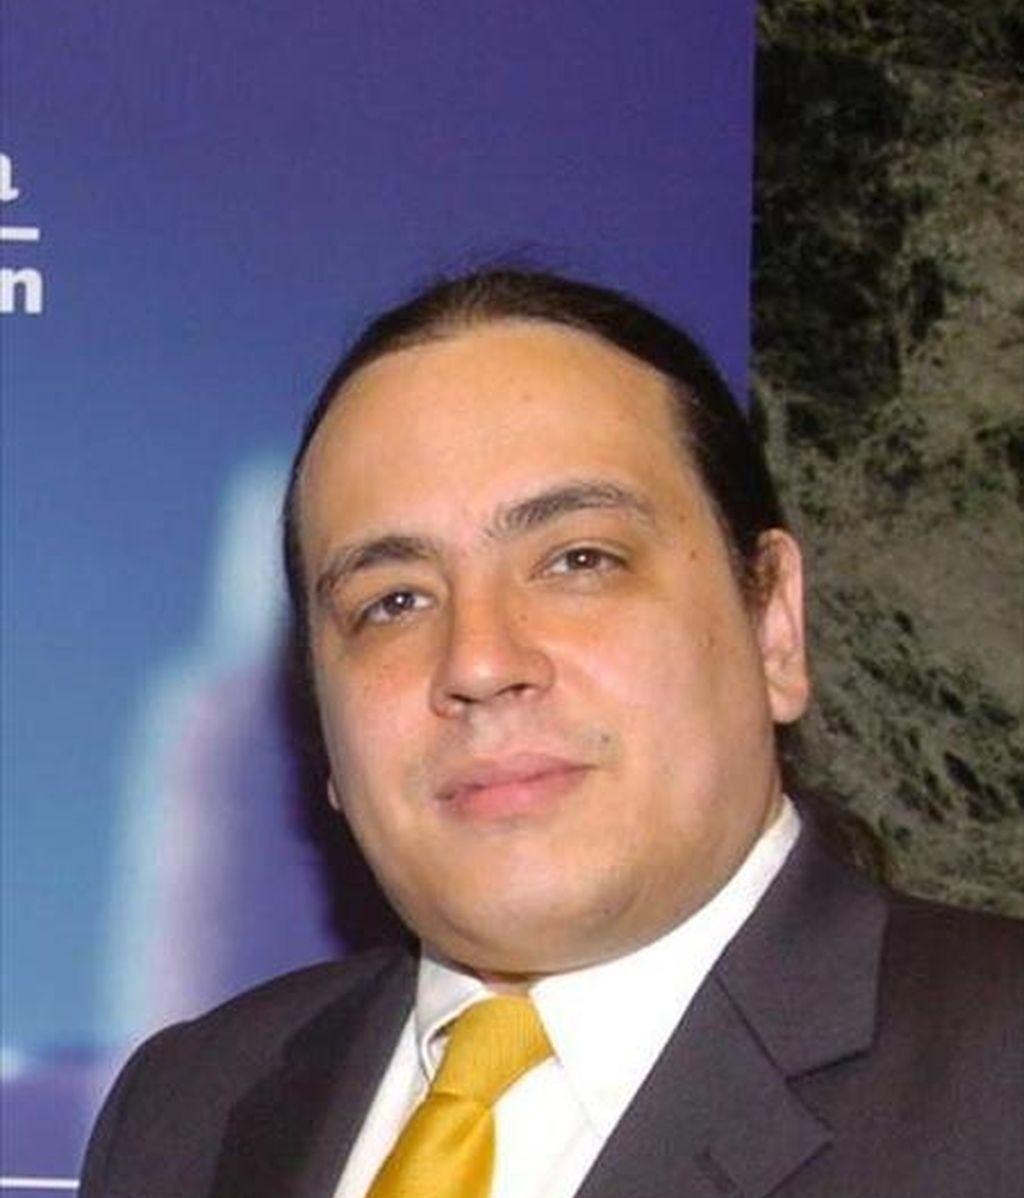 En la imagen, el escritor venezolano Juan Carlos Méndez Guédez. EFE/Archivo